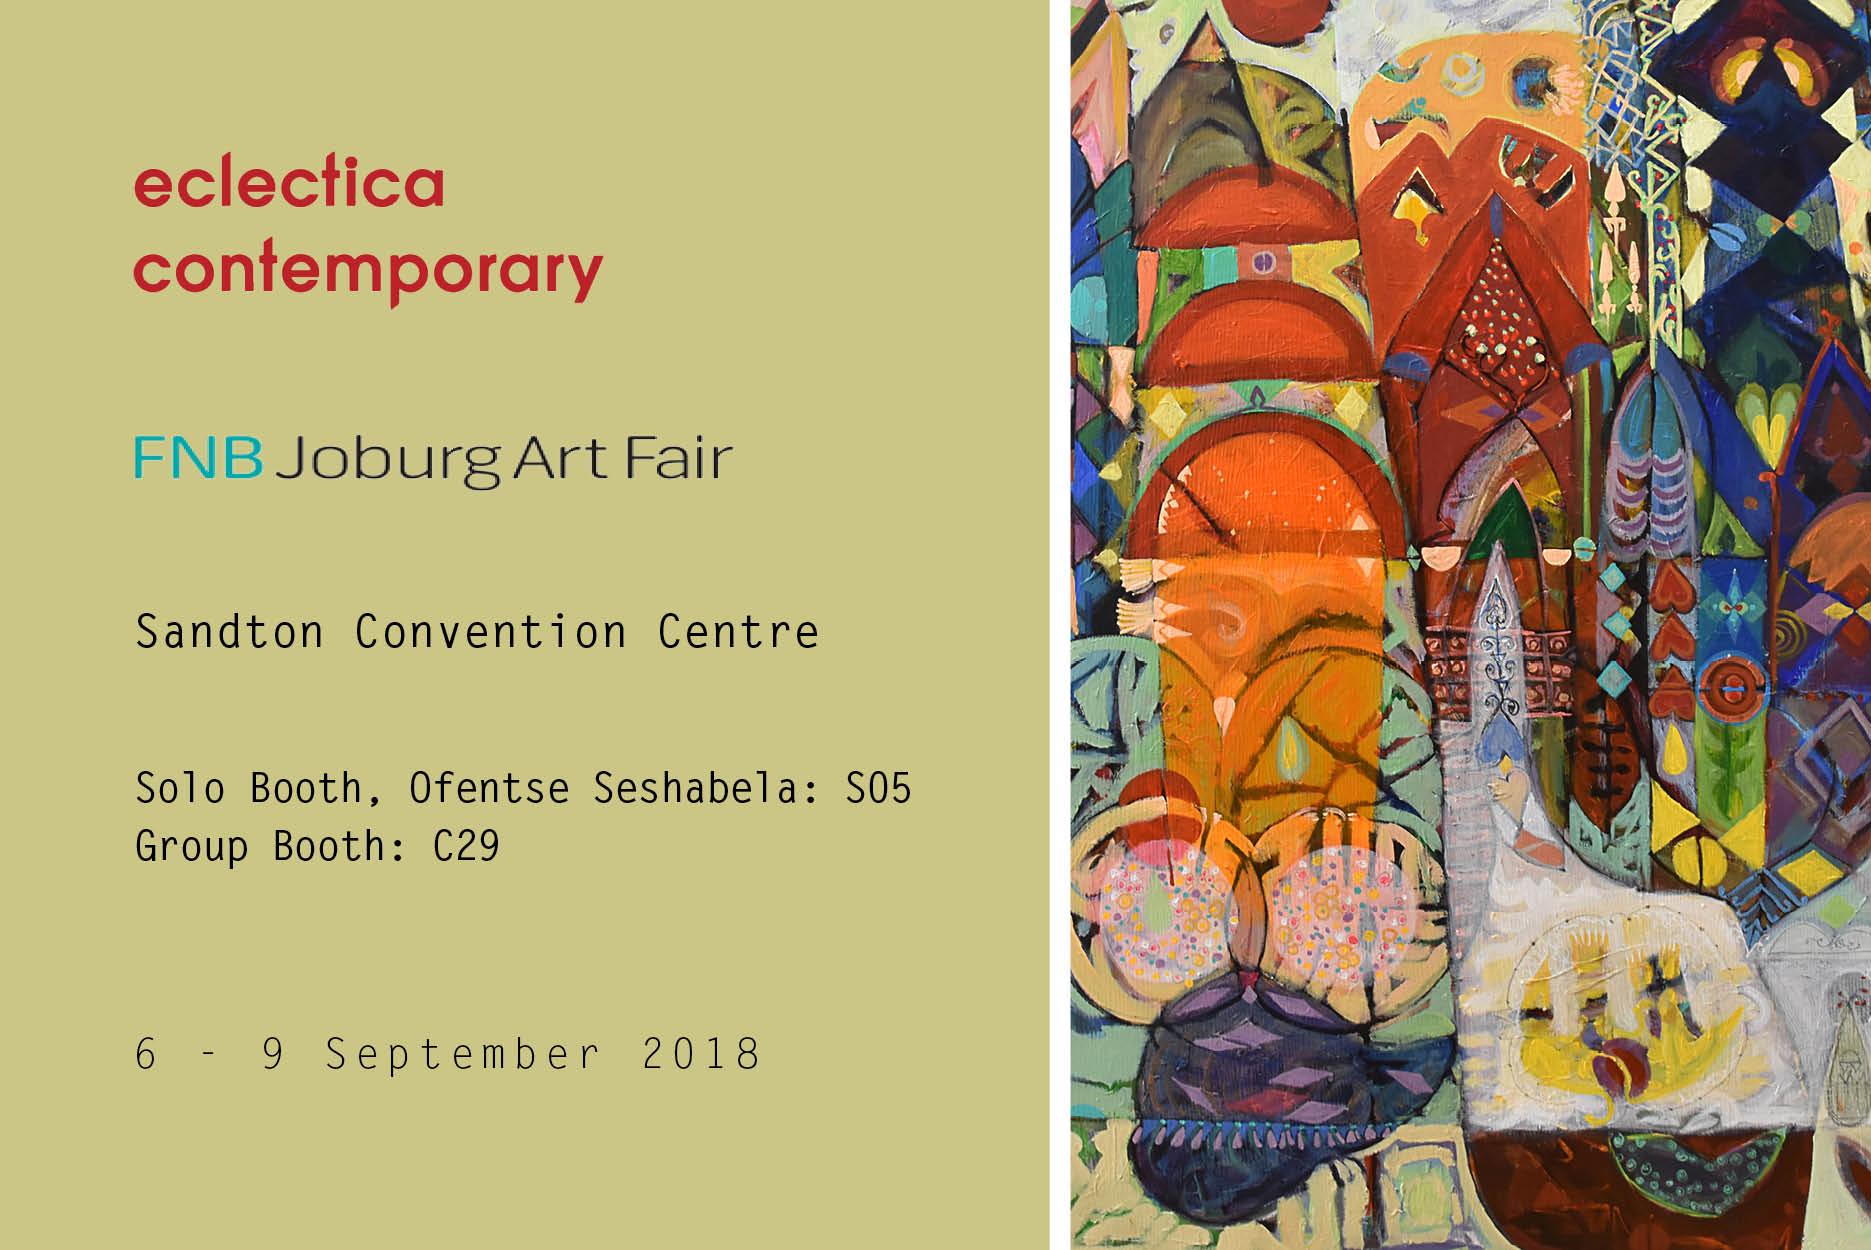 FNB Johannesburg Art Fair